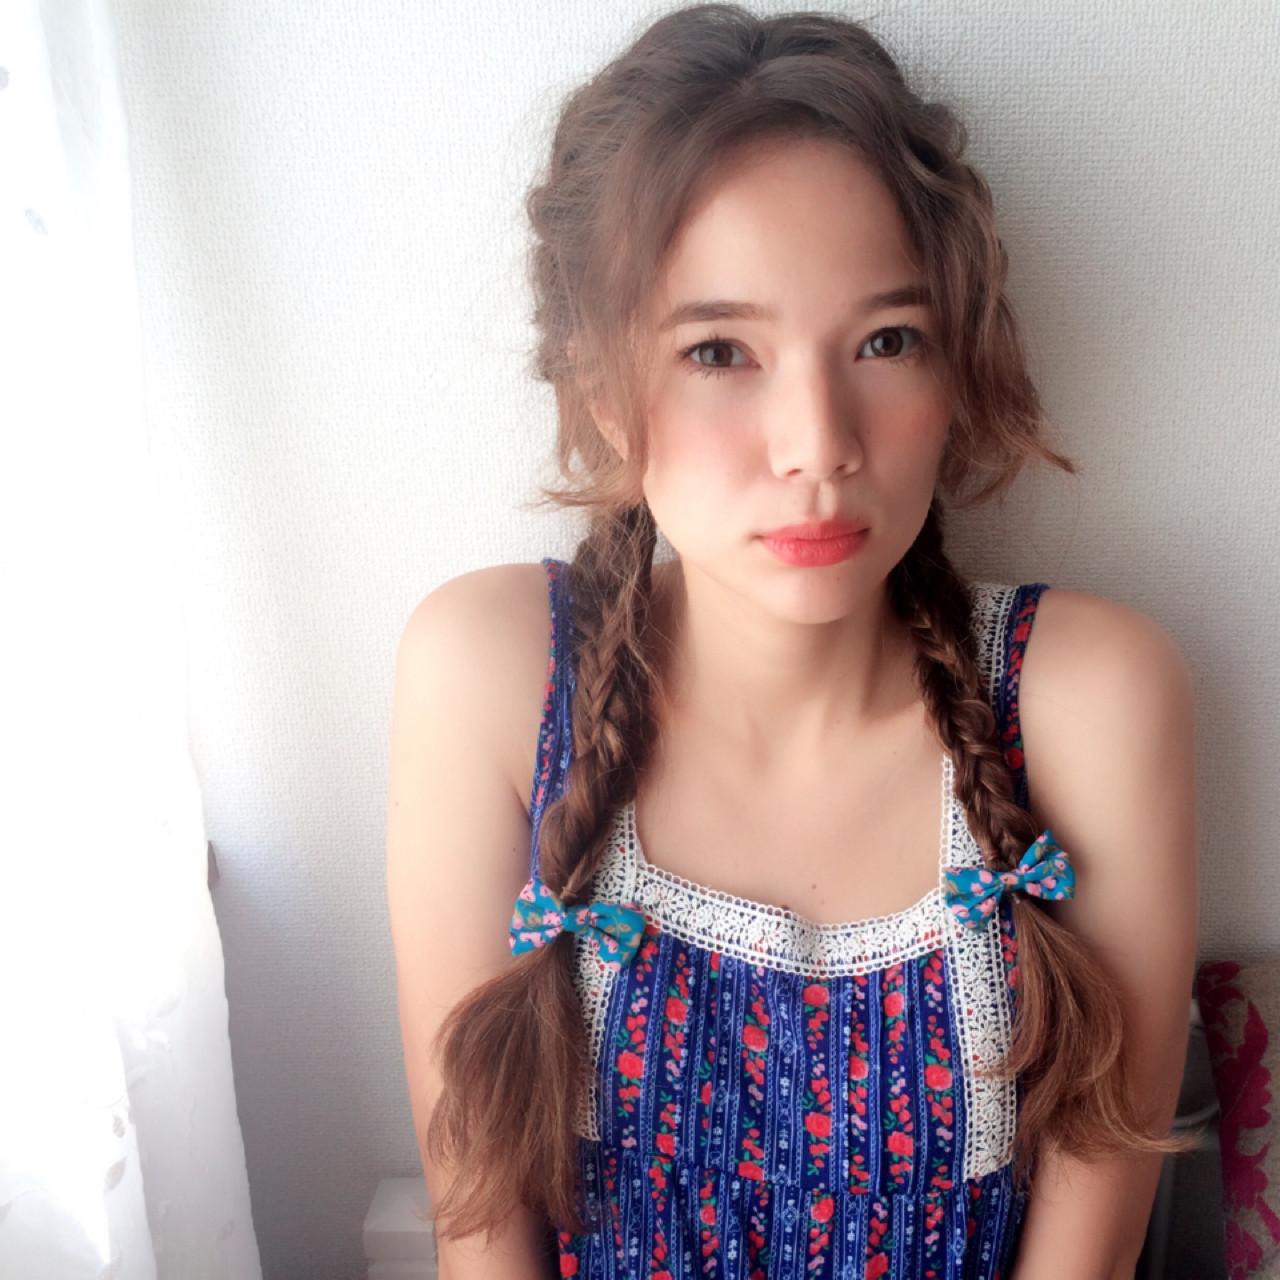 透明感 簡単ヘアアレンジ フェミニン 外国人風 ヘアスタイルや髪型の写真・画像